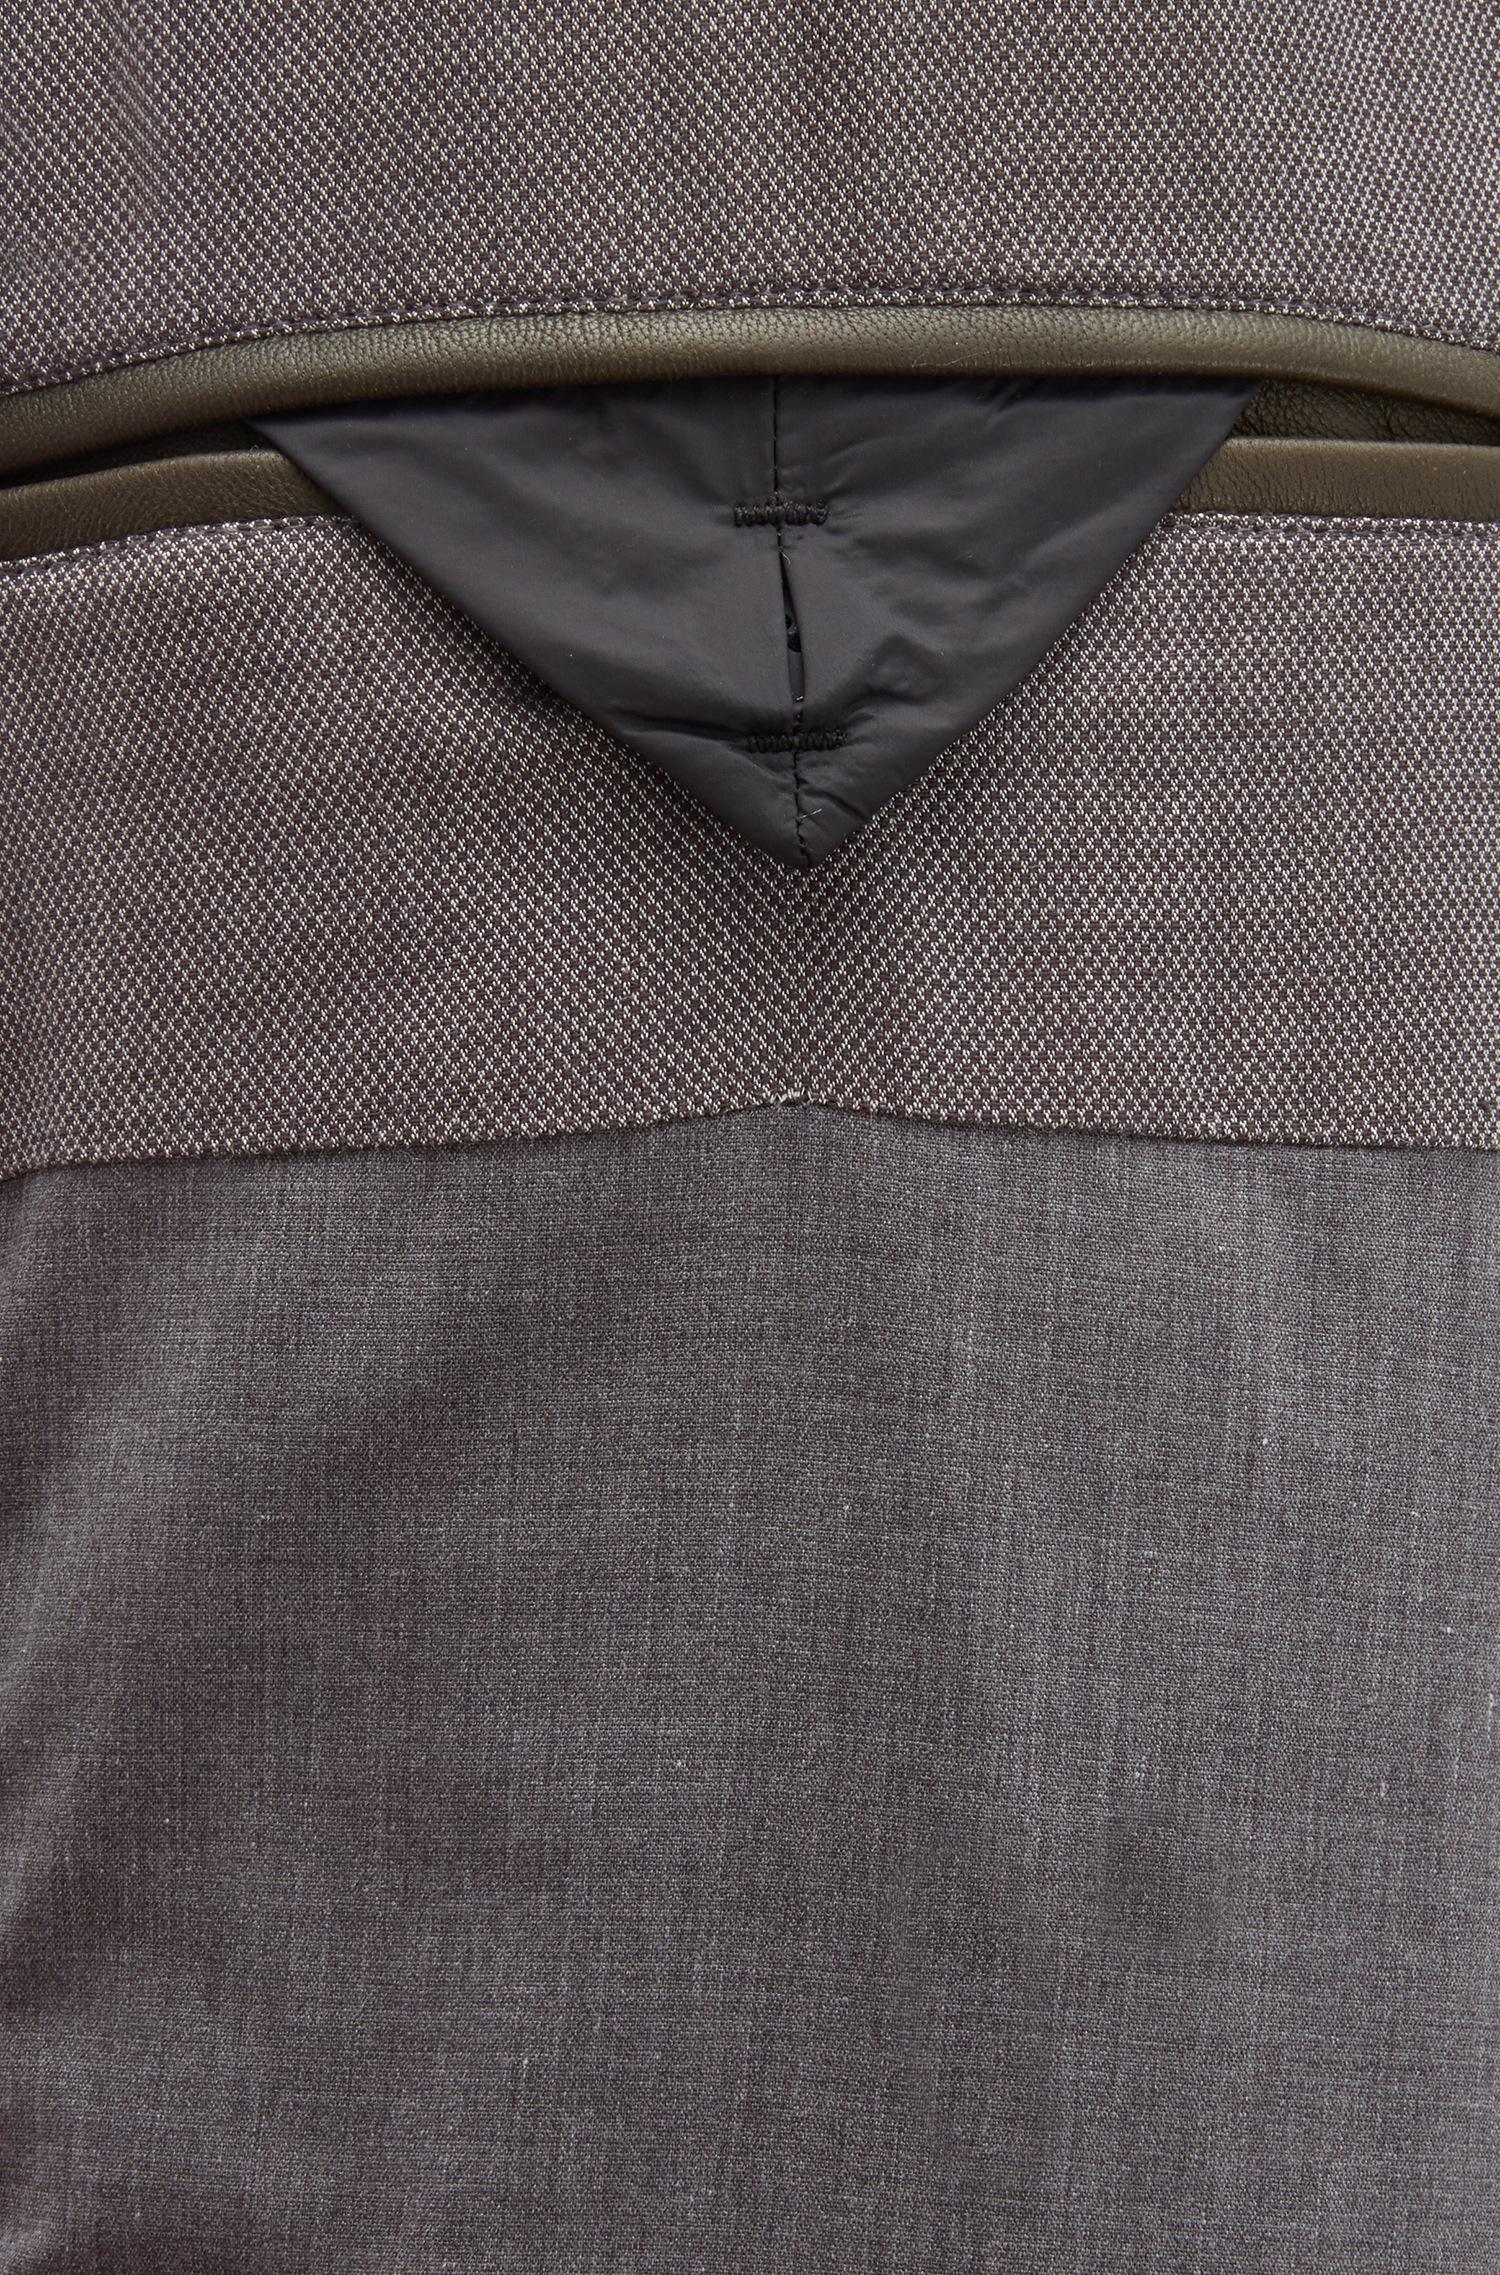 Boss Slim Fit Biker Jacket In Lightly Waxed Leather In